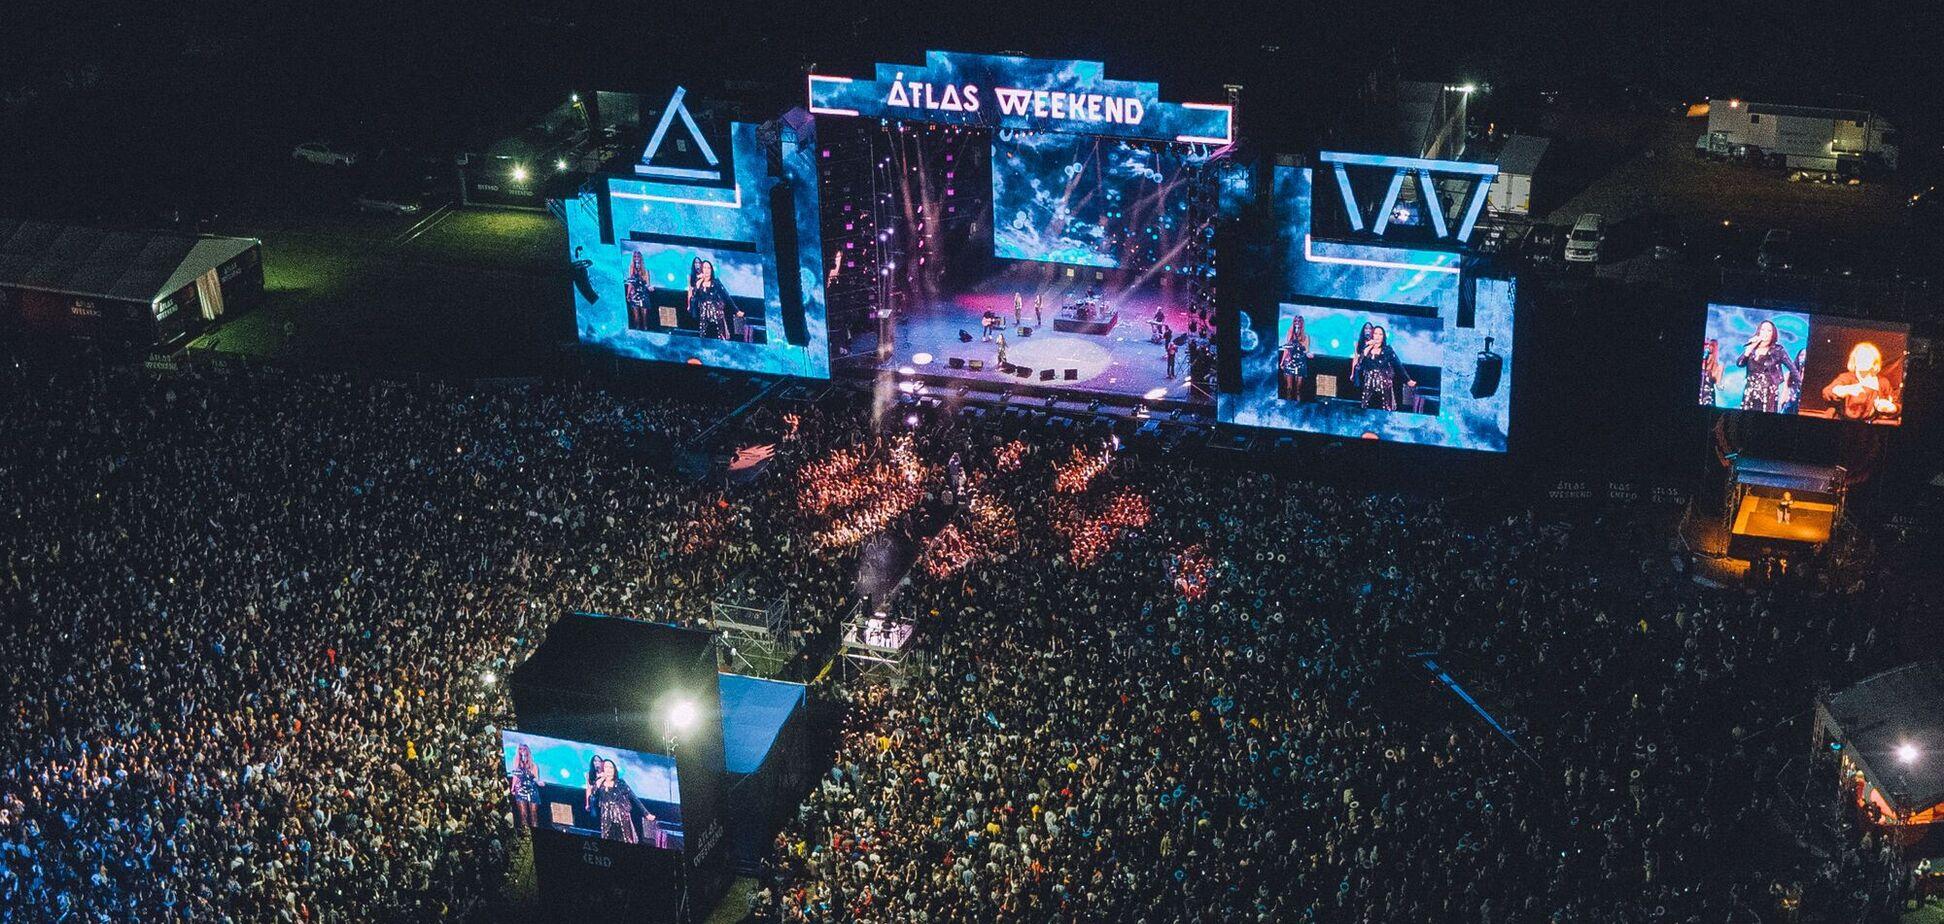 Люди співали, повертаючись після концерту української співачки